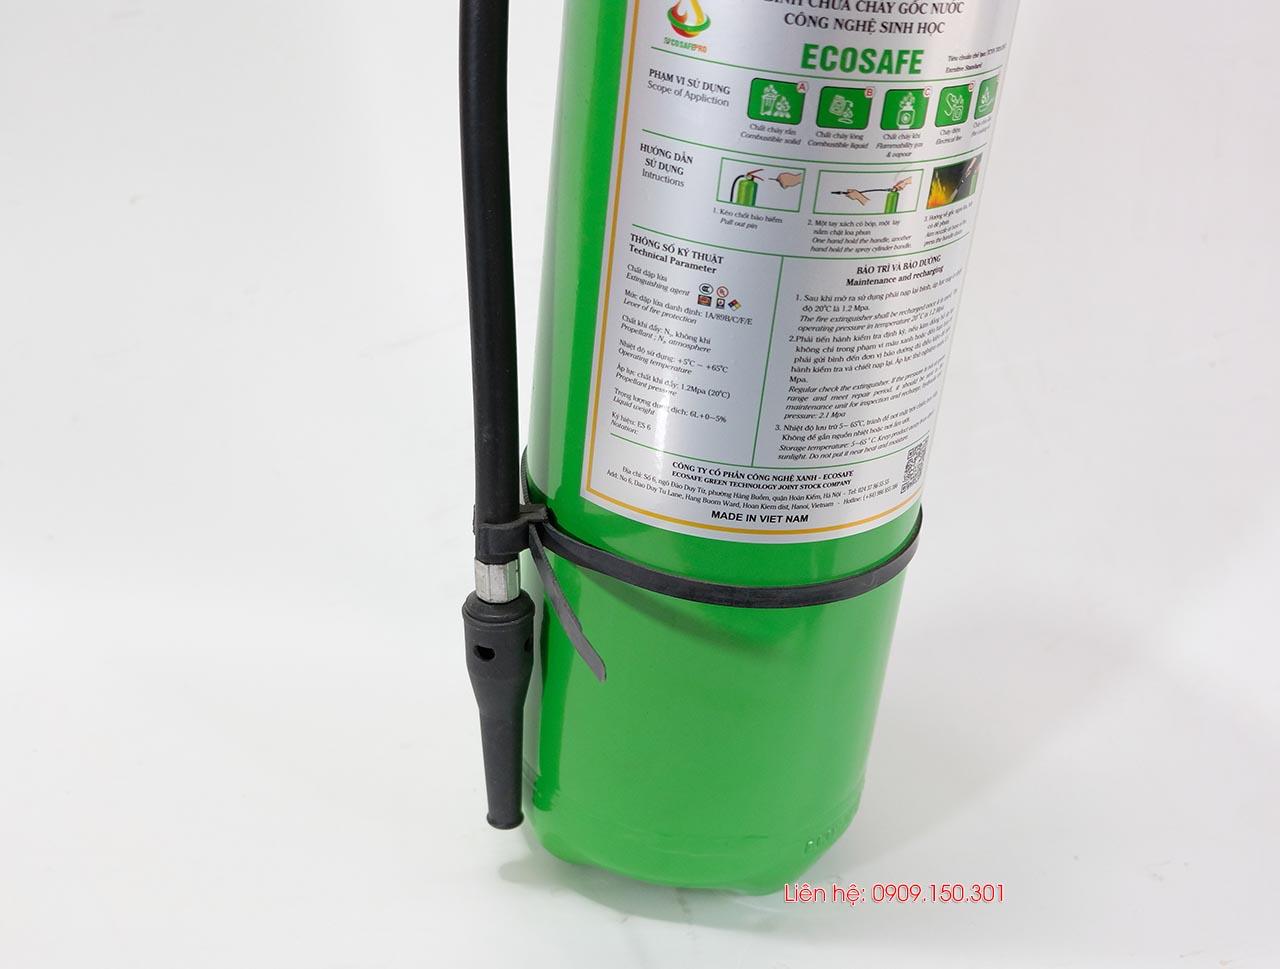 bình chữa cháy ABCDE 6 lít